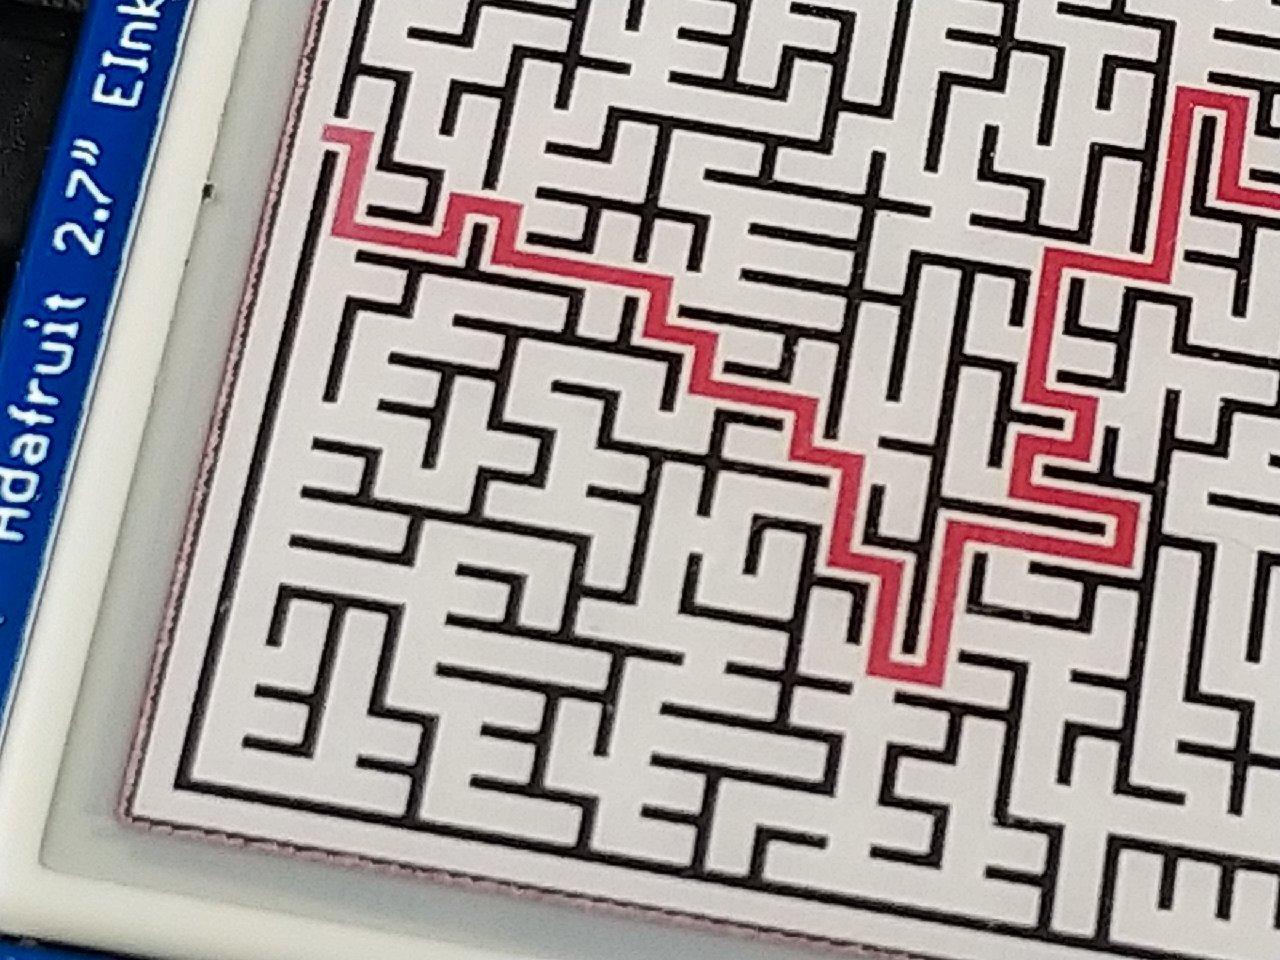 eink___epaper_maze_medium_solution.jpg